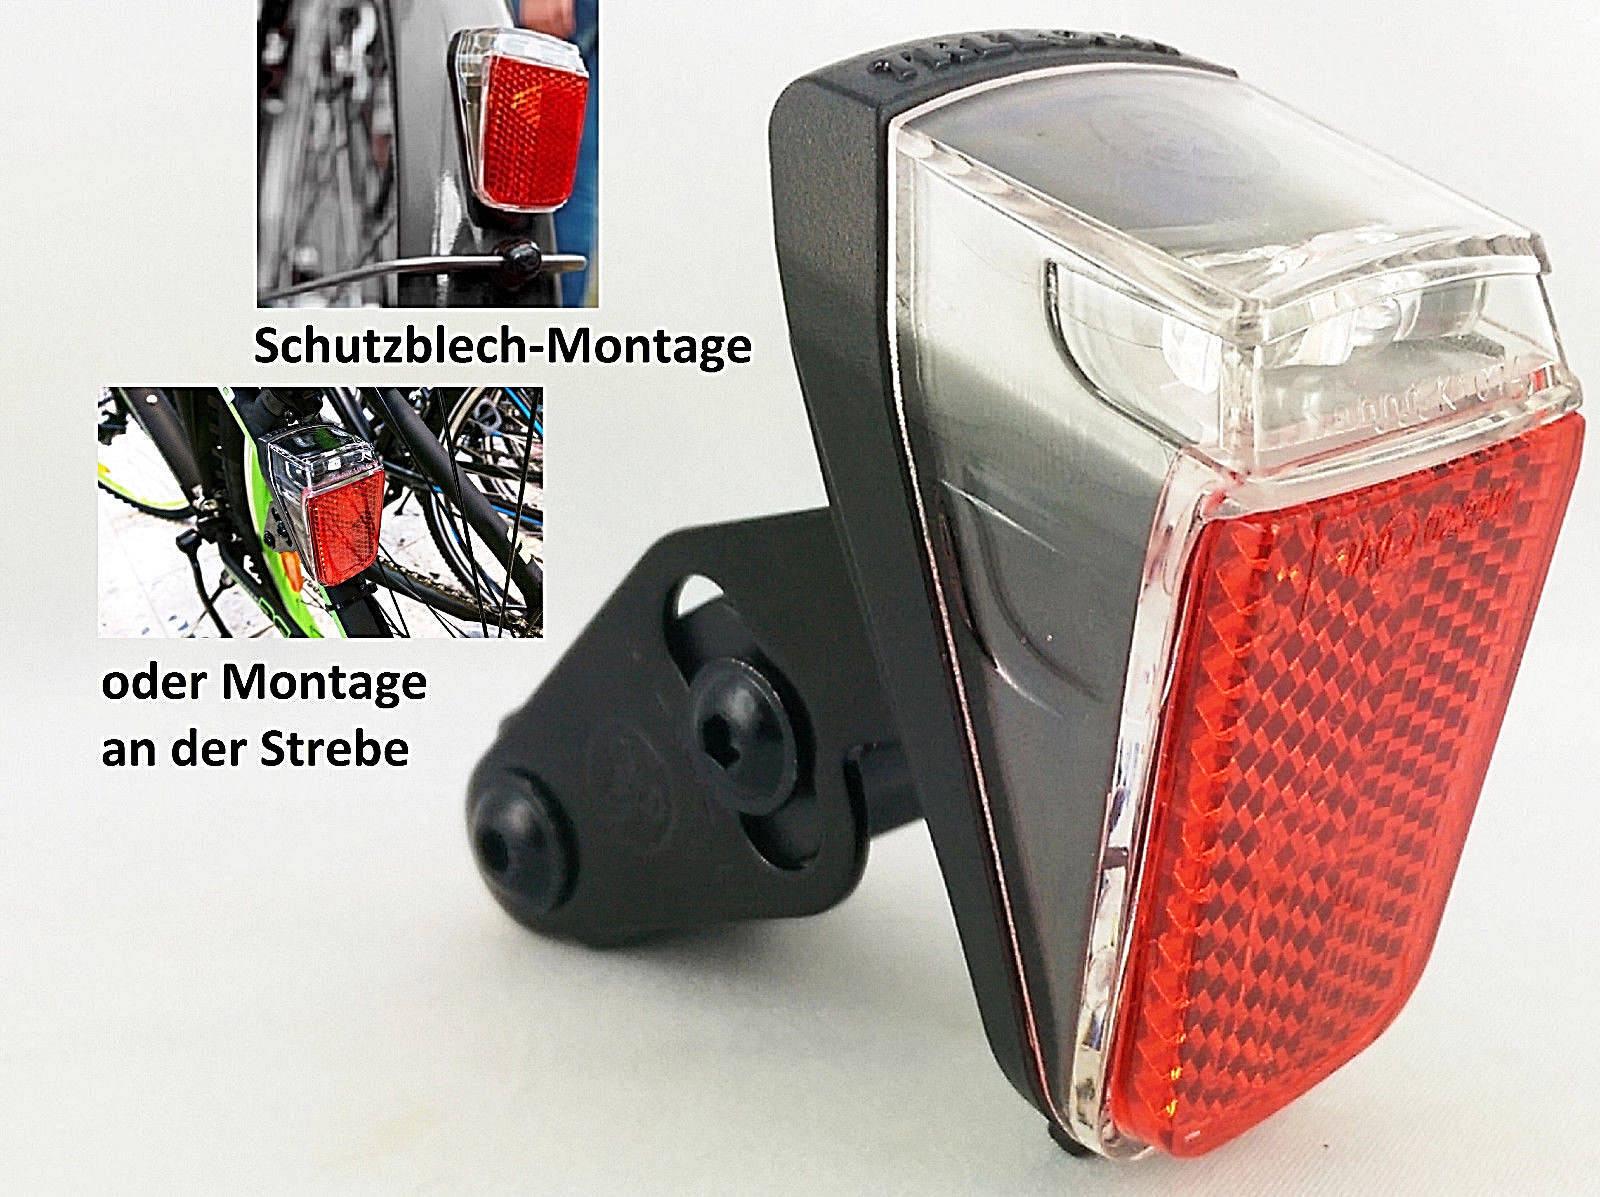 LED Fahrrad Rücklicht Beleuchtung E-Bike 12Volt Schutzblech Trelock Duo Top Neu